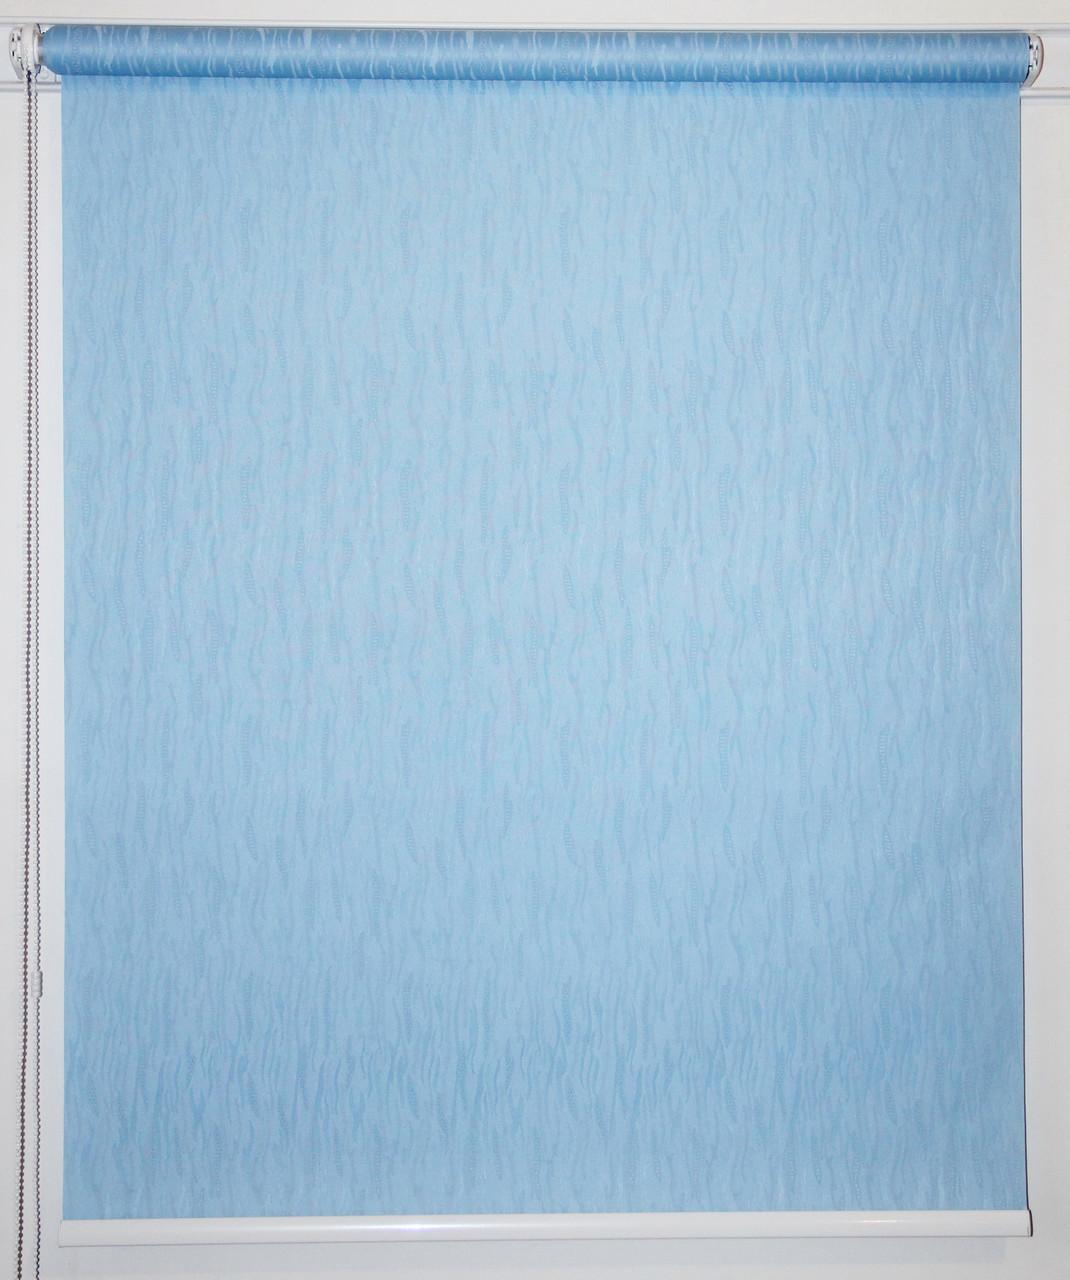 Готовые рулонные шторы 725*1500 Ткань Лазурь 2074 Голубой